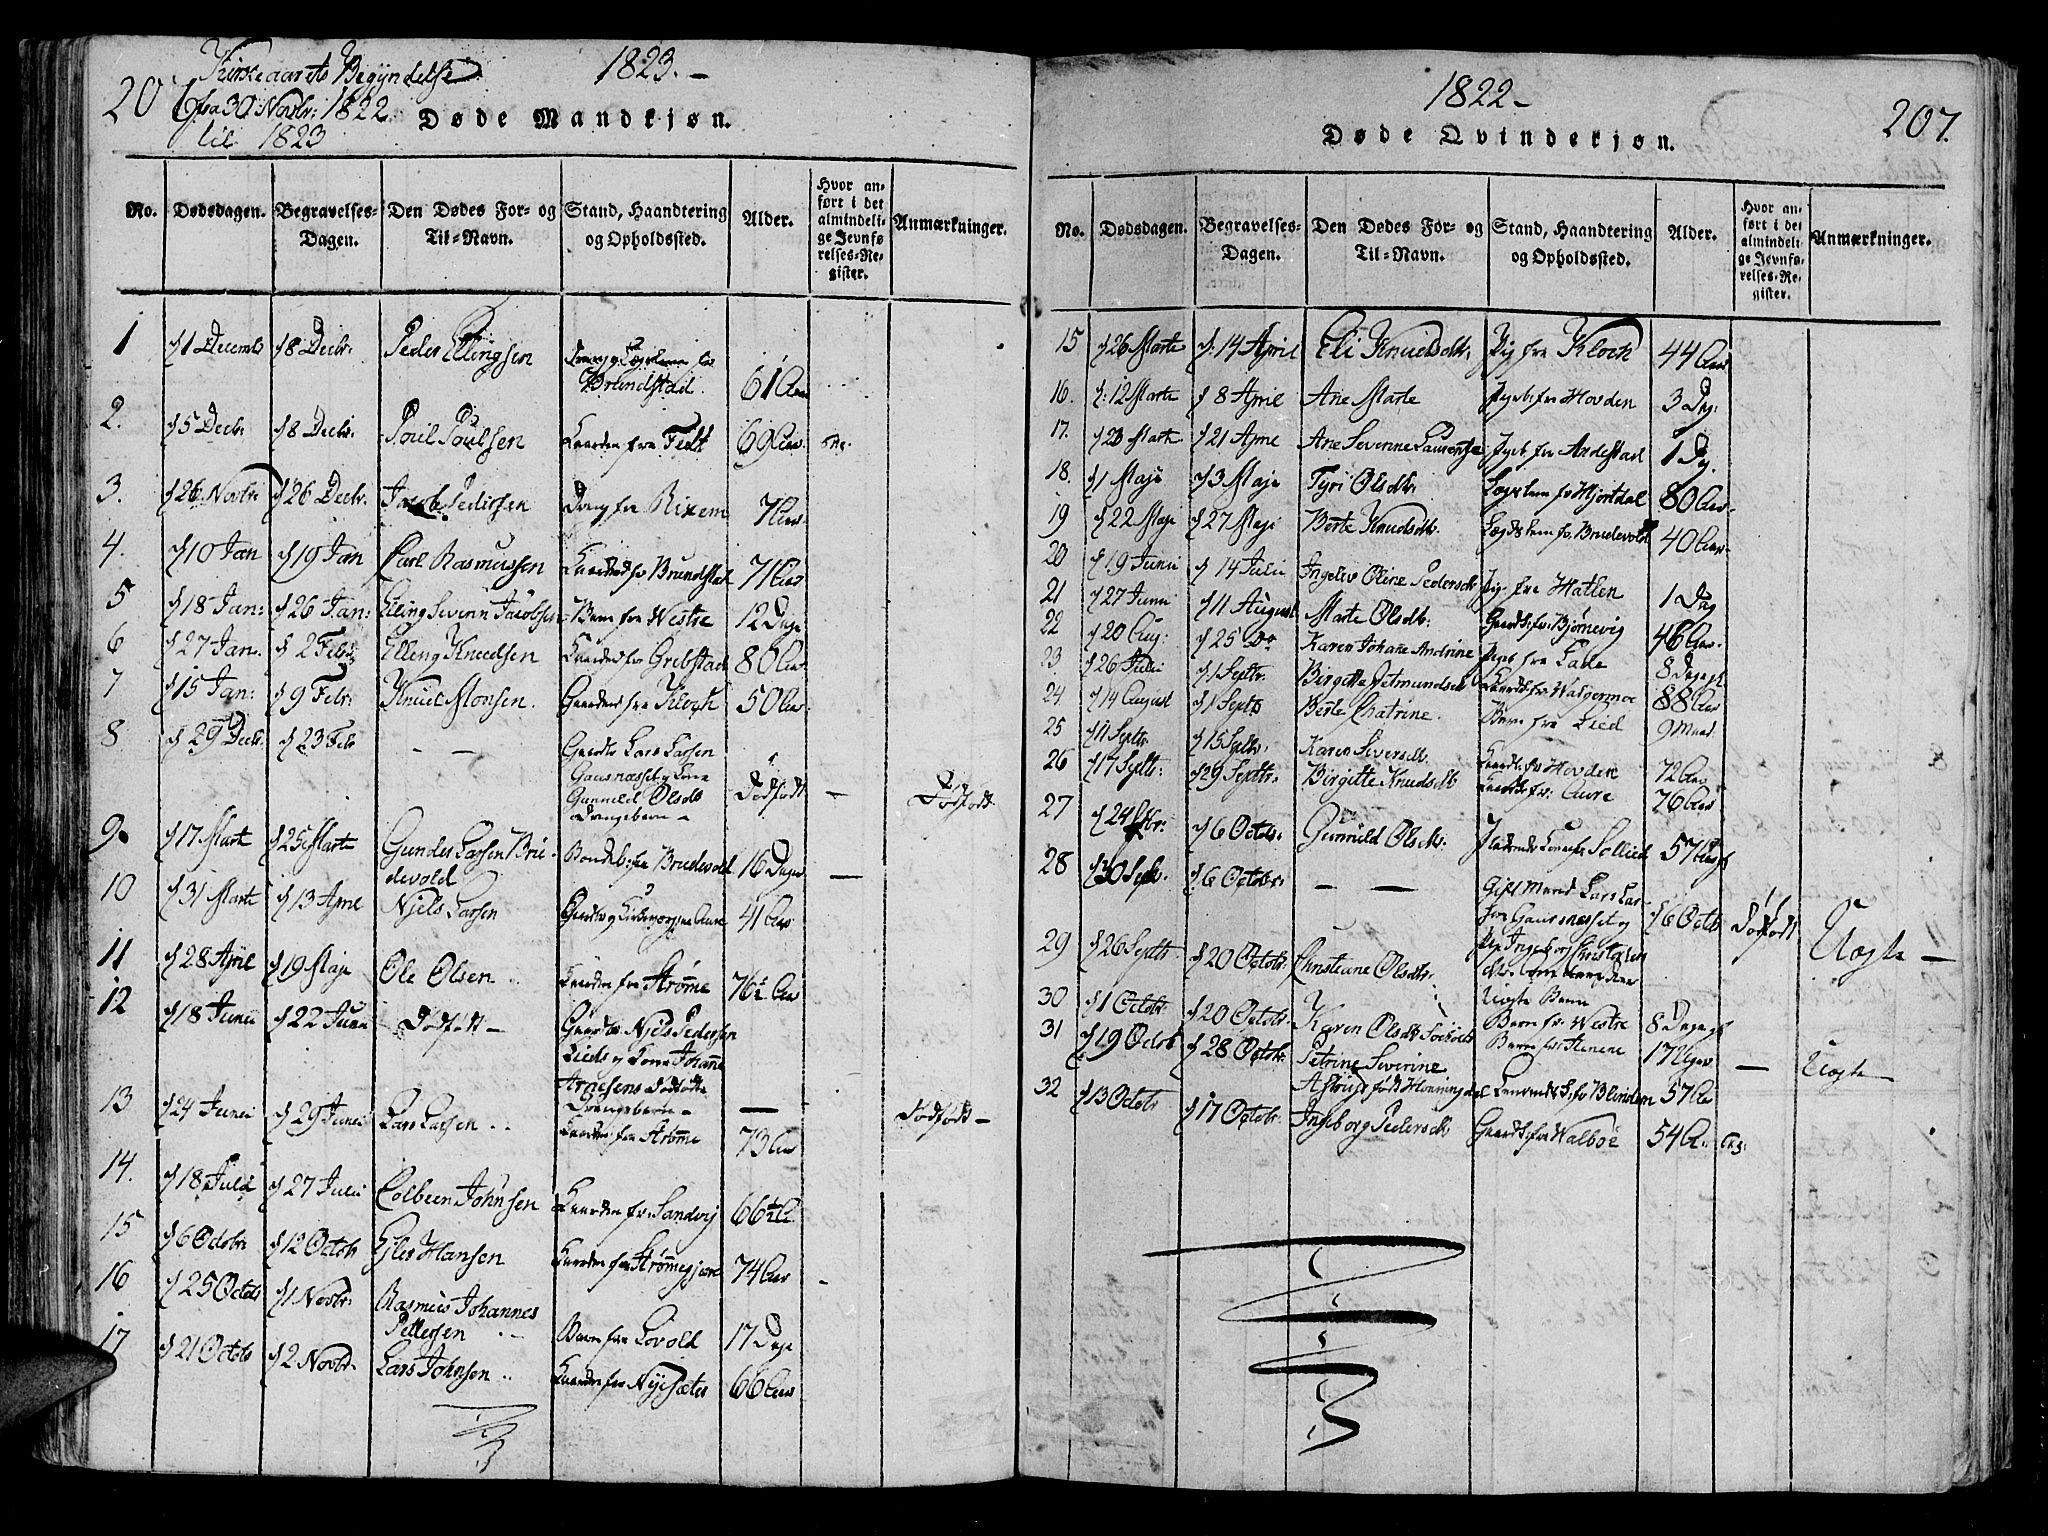 SAT, Ministerialprotokoller, klokkerbøker og fødselsregistre - Møre og Romsdal, 522/L0310: Ministerialbok nr. 522A05, 1816-1832, s. 206-207